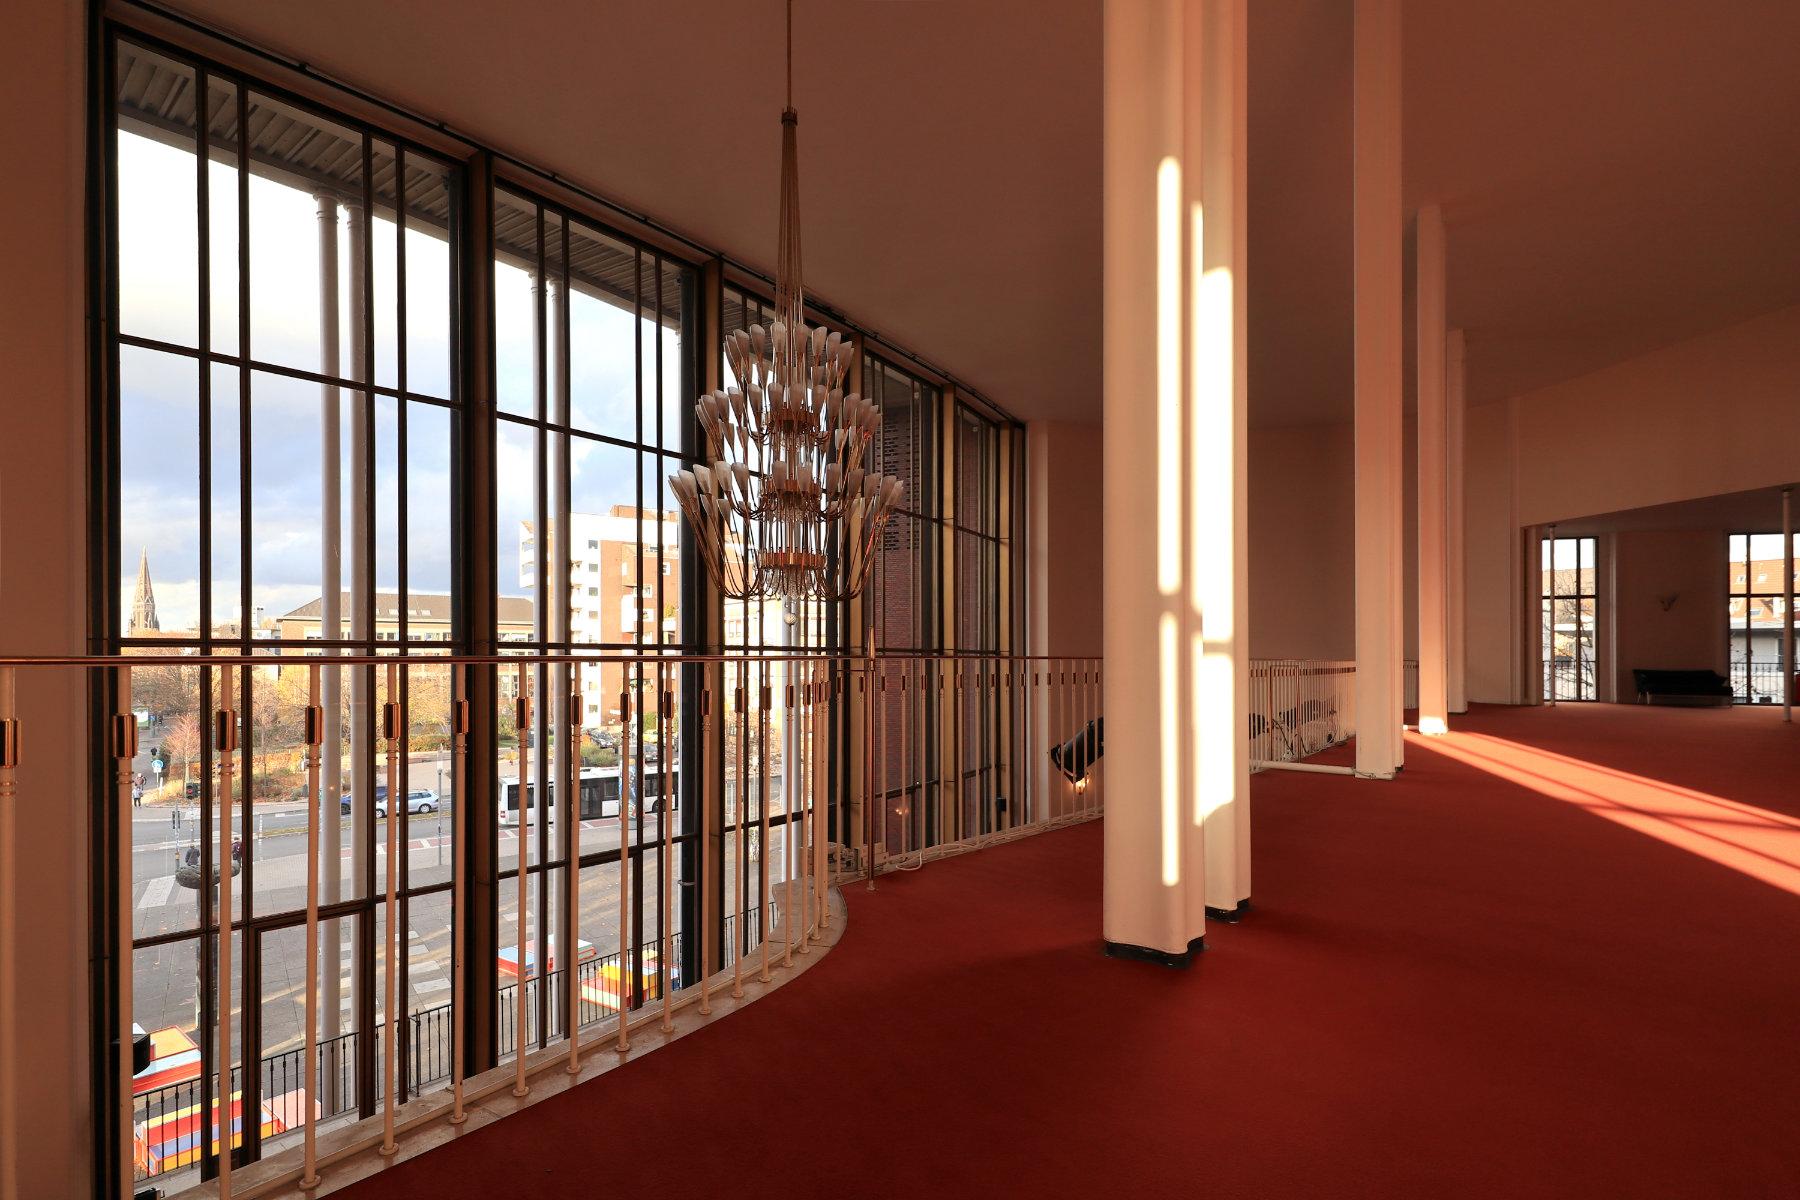 Schauspielhaus Bochum. Entwurf: Gerhard Graubner. Fertigstellung: 1953.